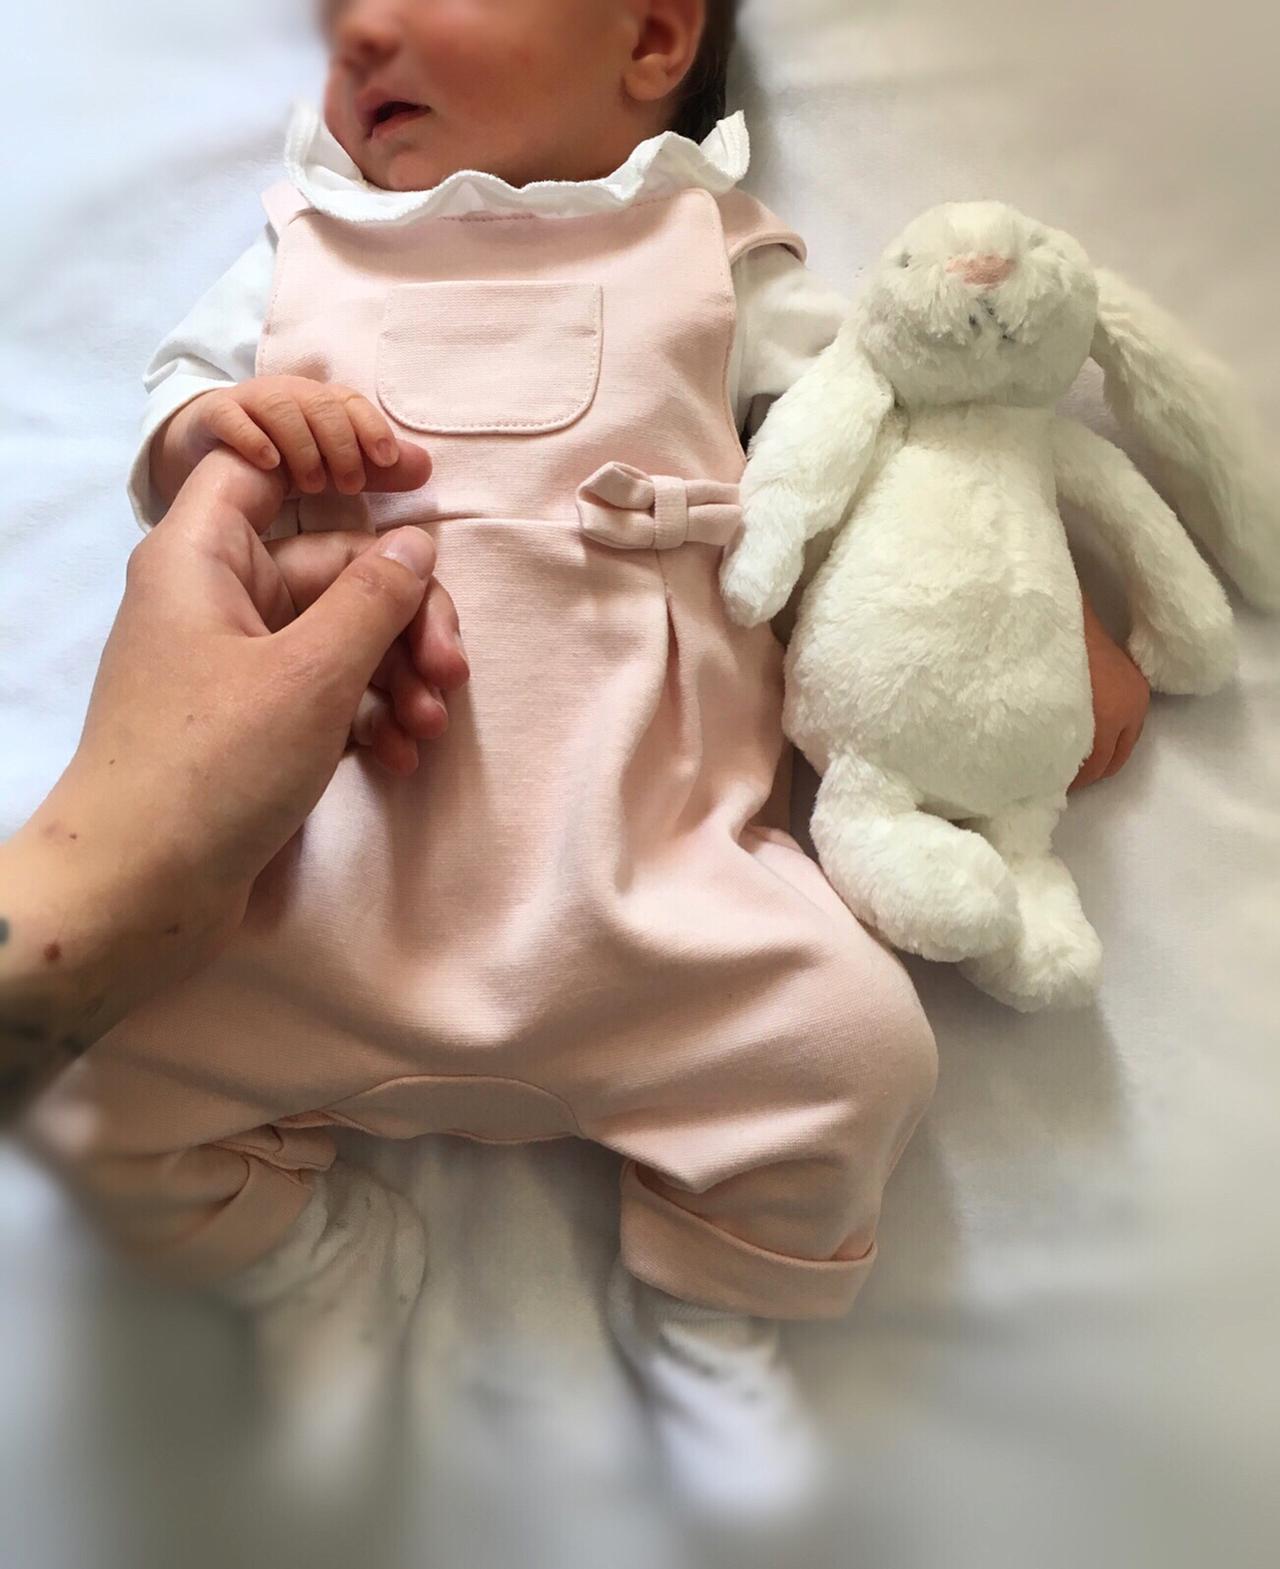 画像1: Cher LloydさんはInstagramを利用しています:「Our baby girl is here! We are so in love....  Delilah-Rae  25.05.18」 www.instagram.com